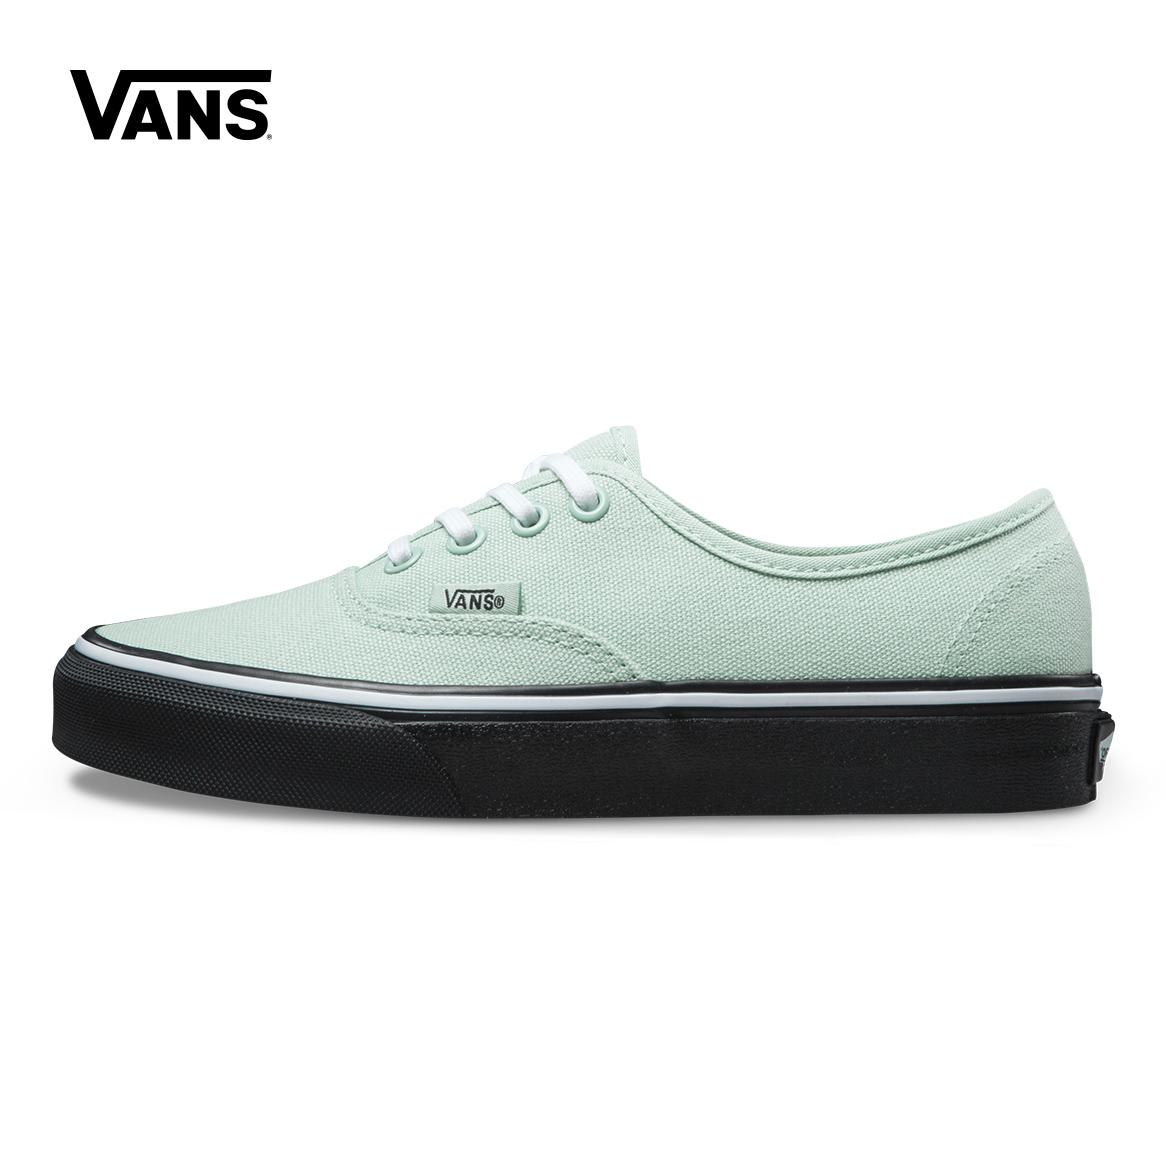 绿色帆布鞋 Vans范斯绿色女款板鞋休闲鞋帆布鞋|VN0A38EMOB2_推荐淘宝好看的绿色帆布鞋